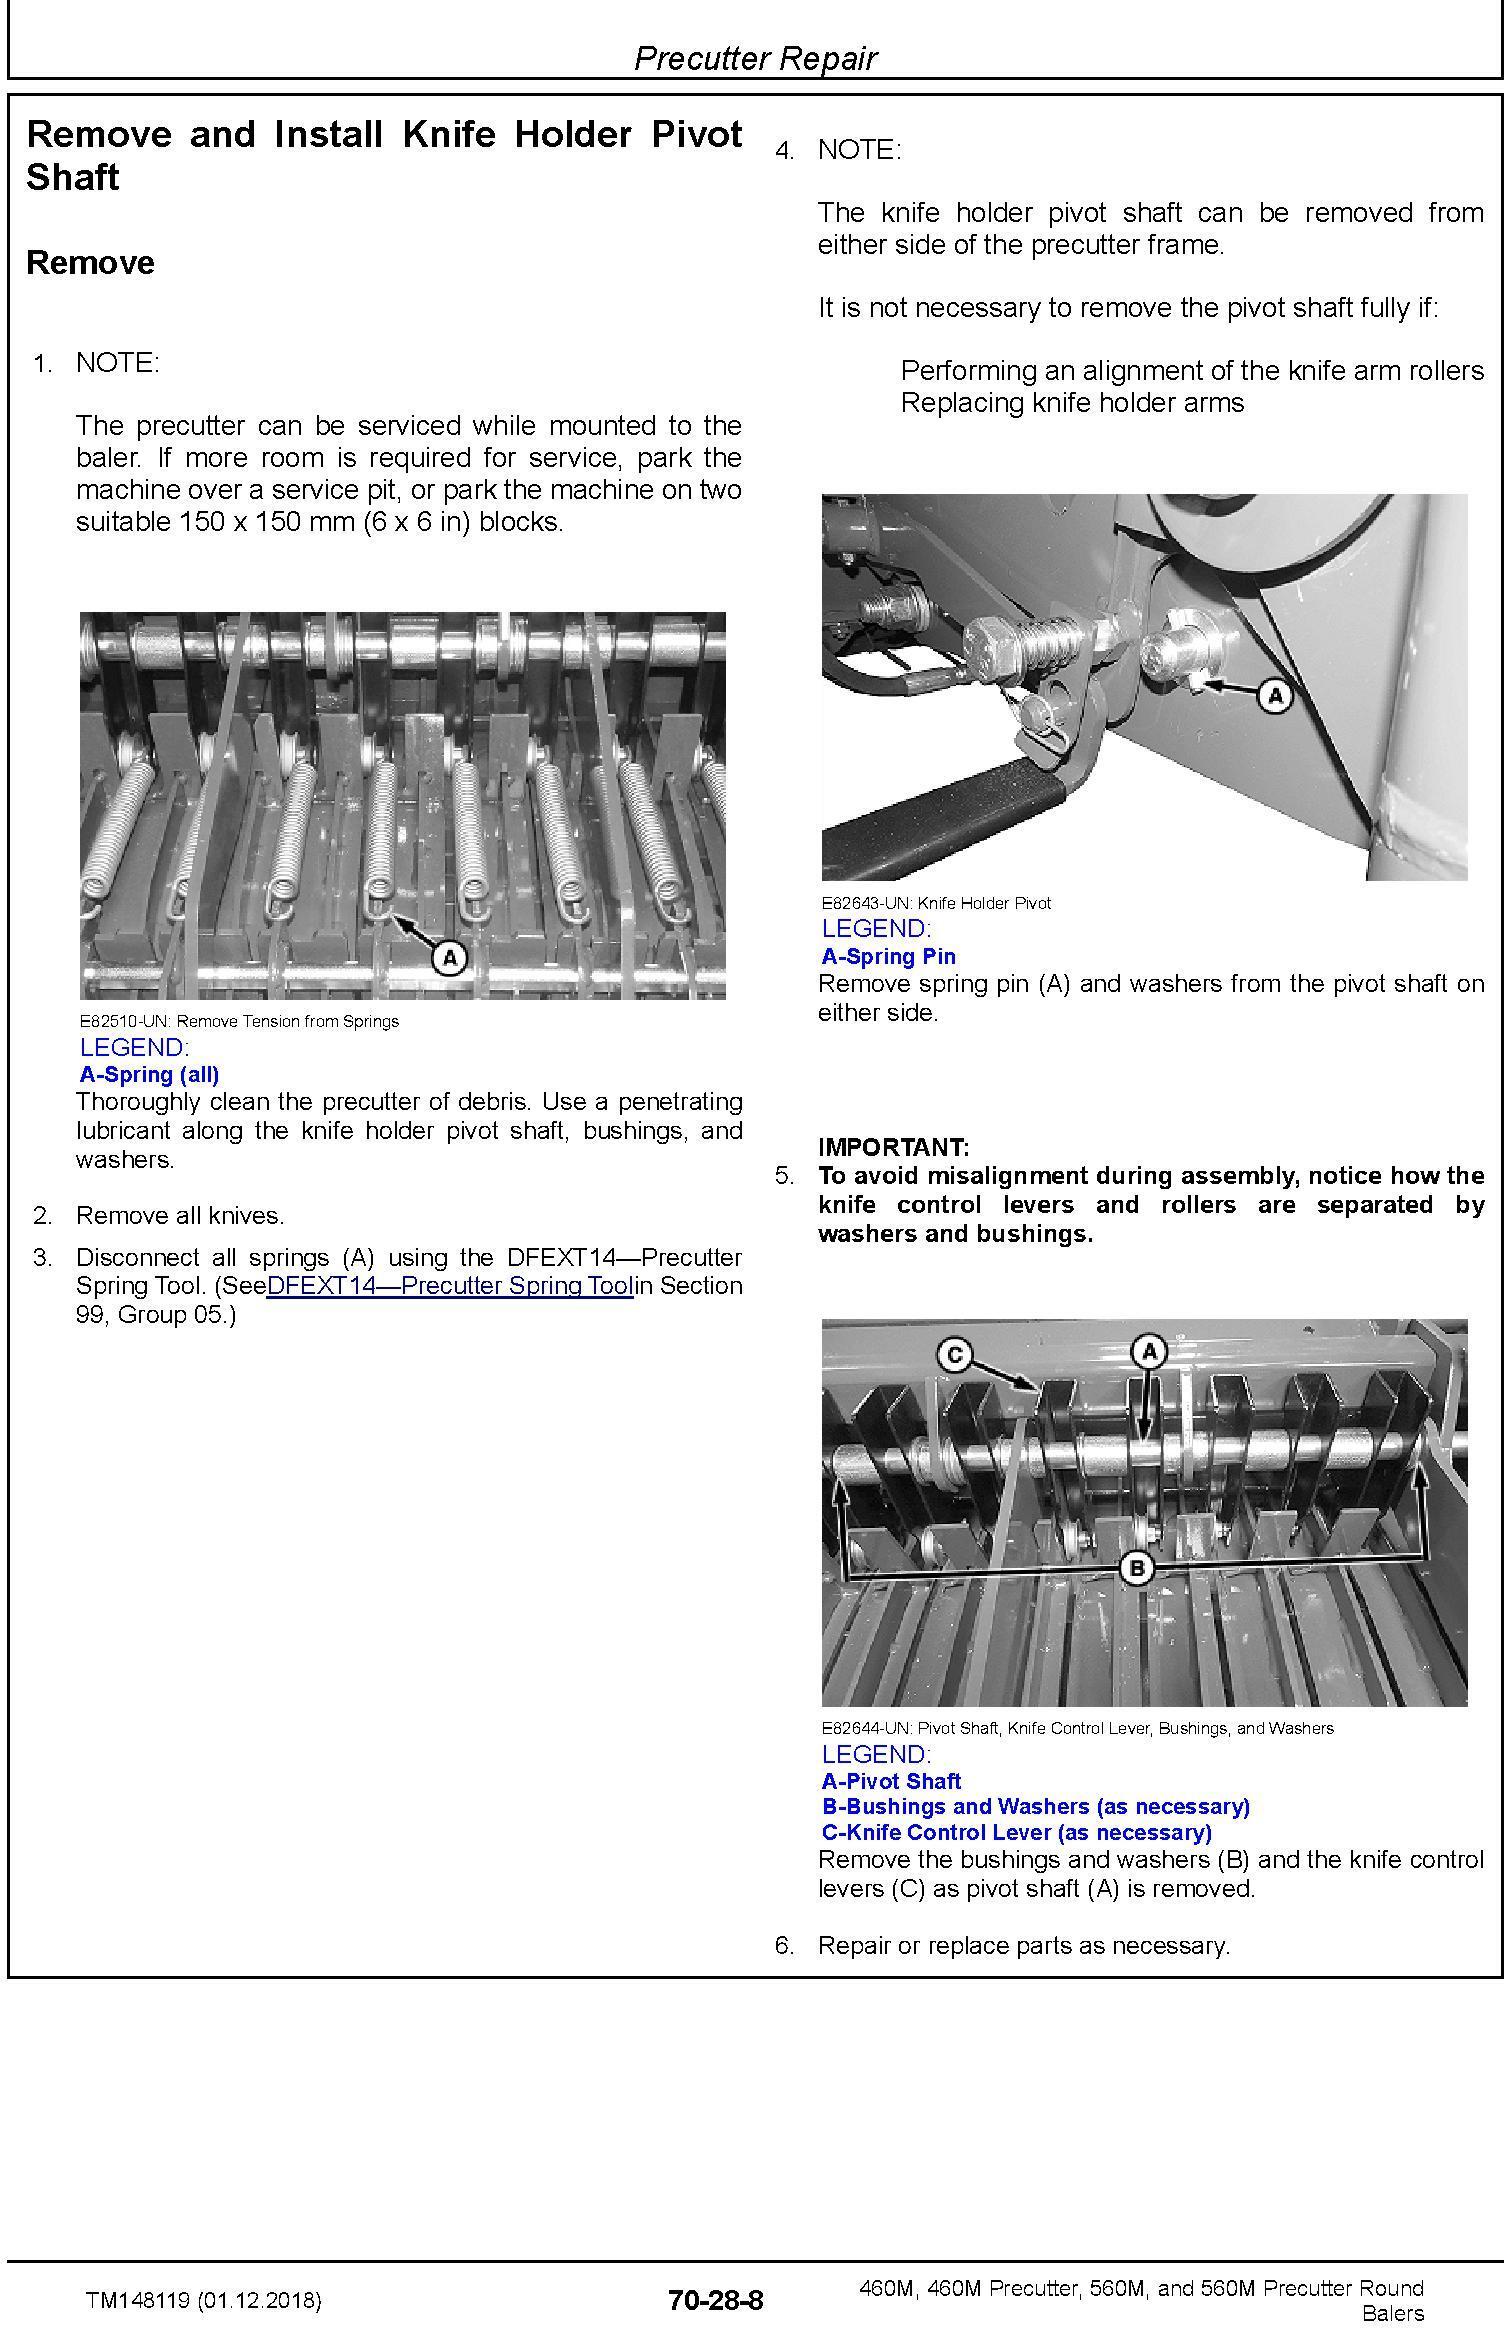 John Deere 460M, 460M Precutter, 560M, and 560M Precutter Round Balers Technical Manual (TM148119) - 1